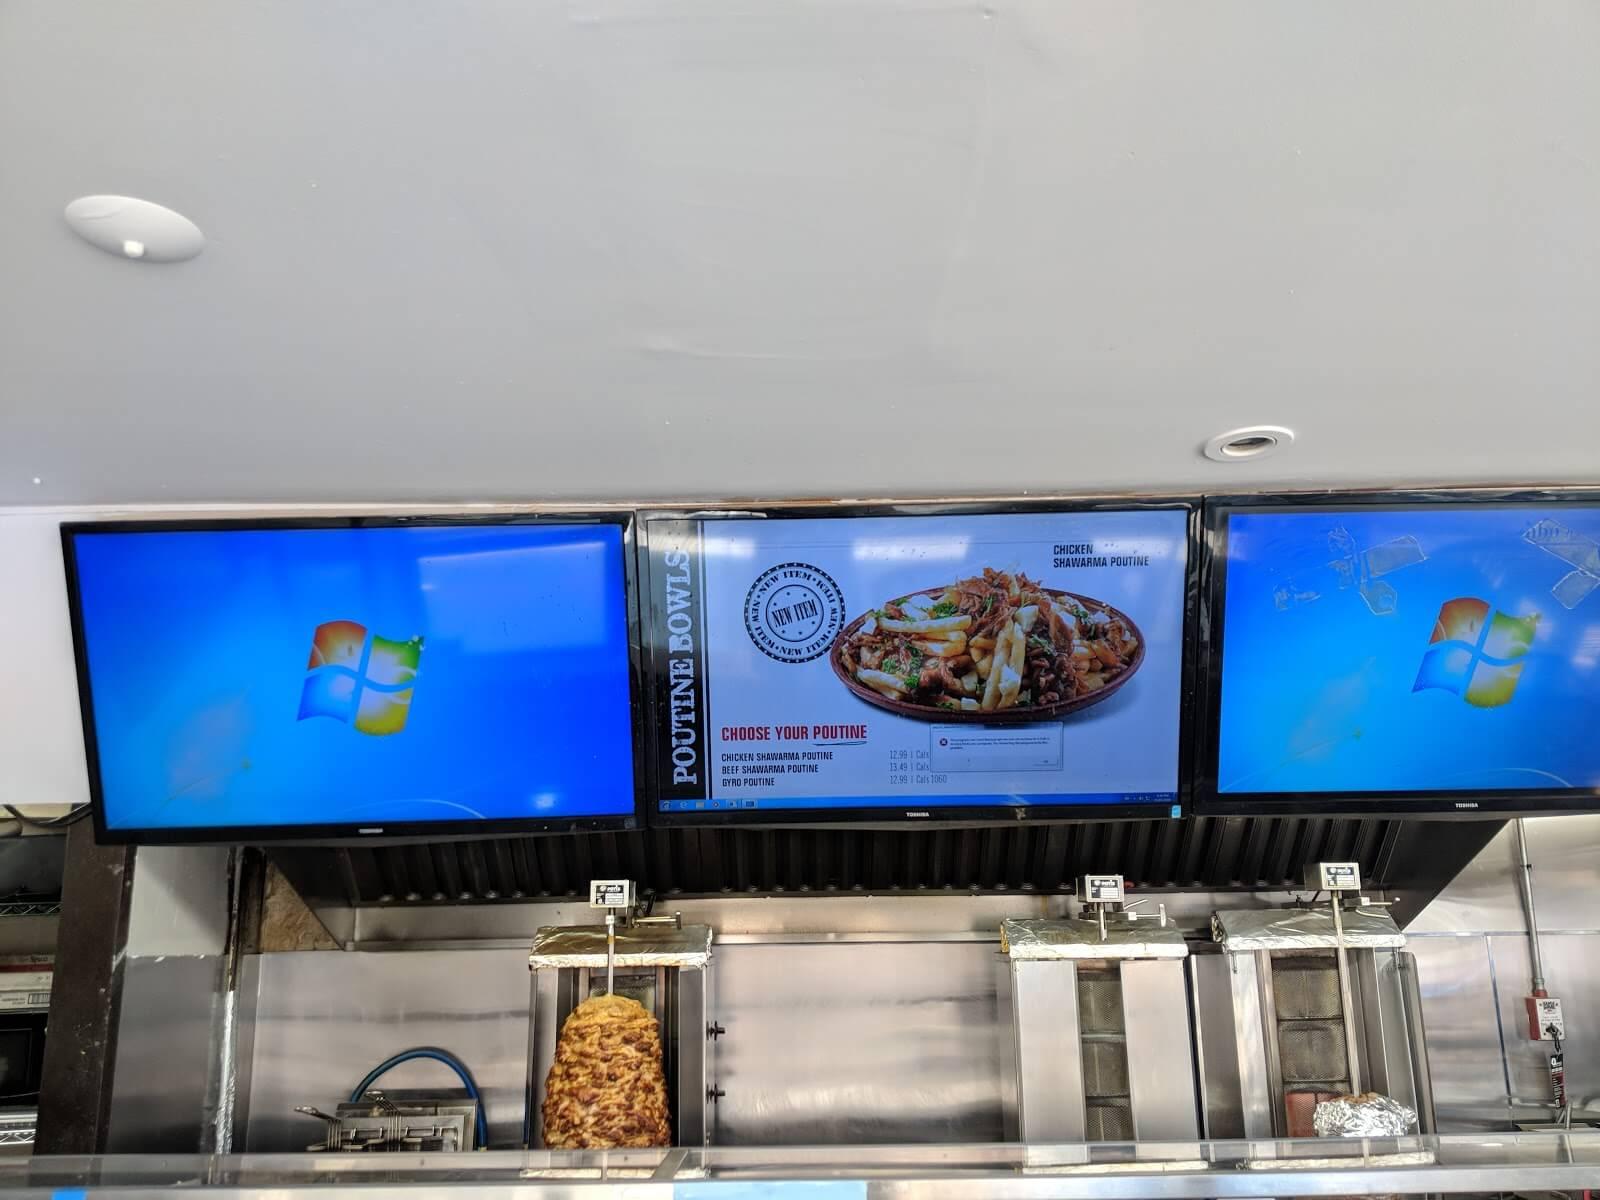 display monitoring example